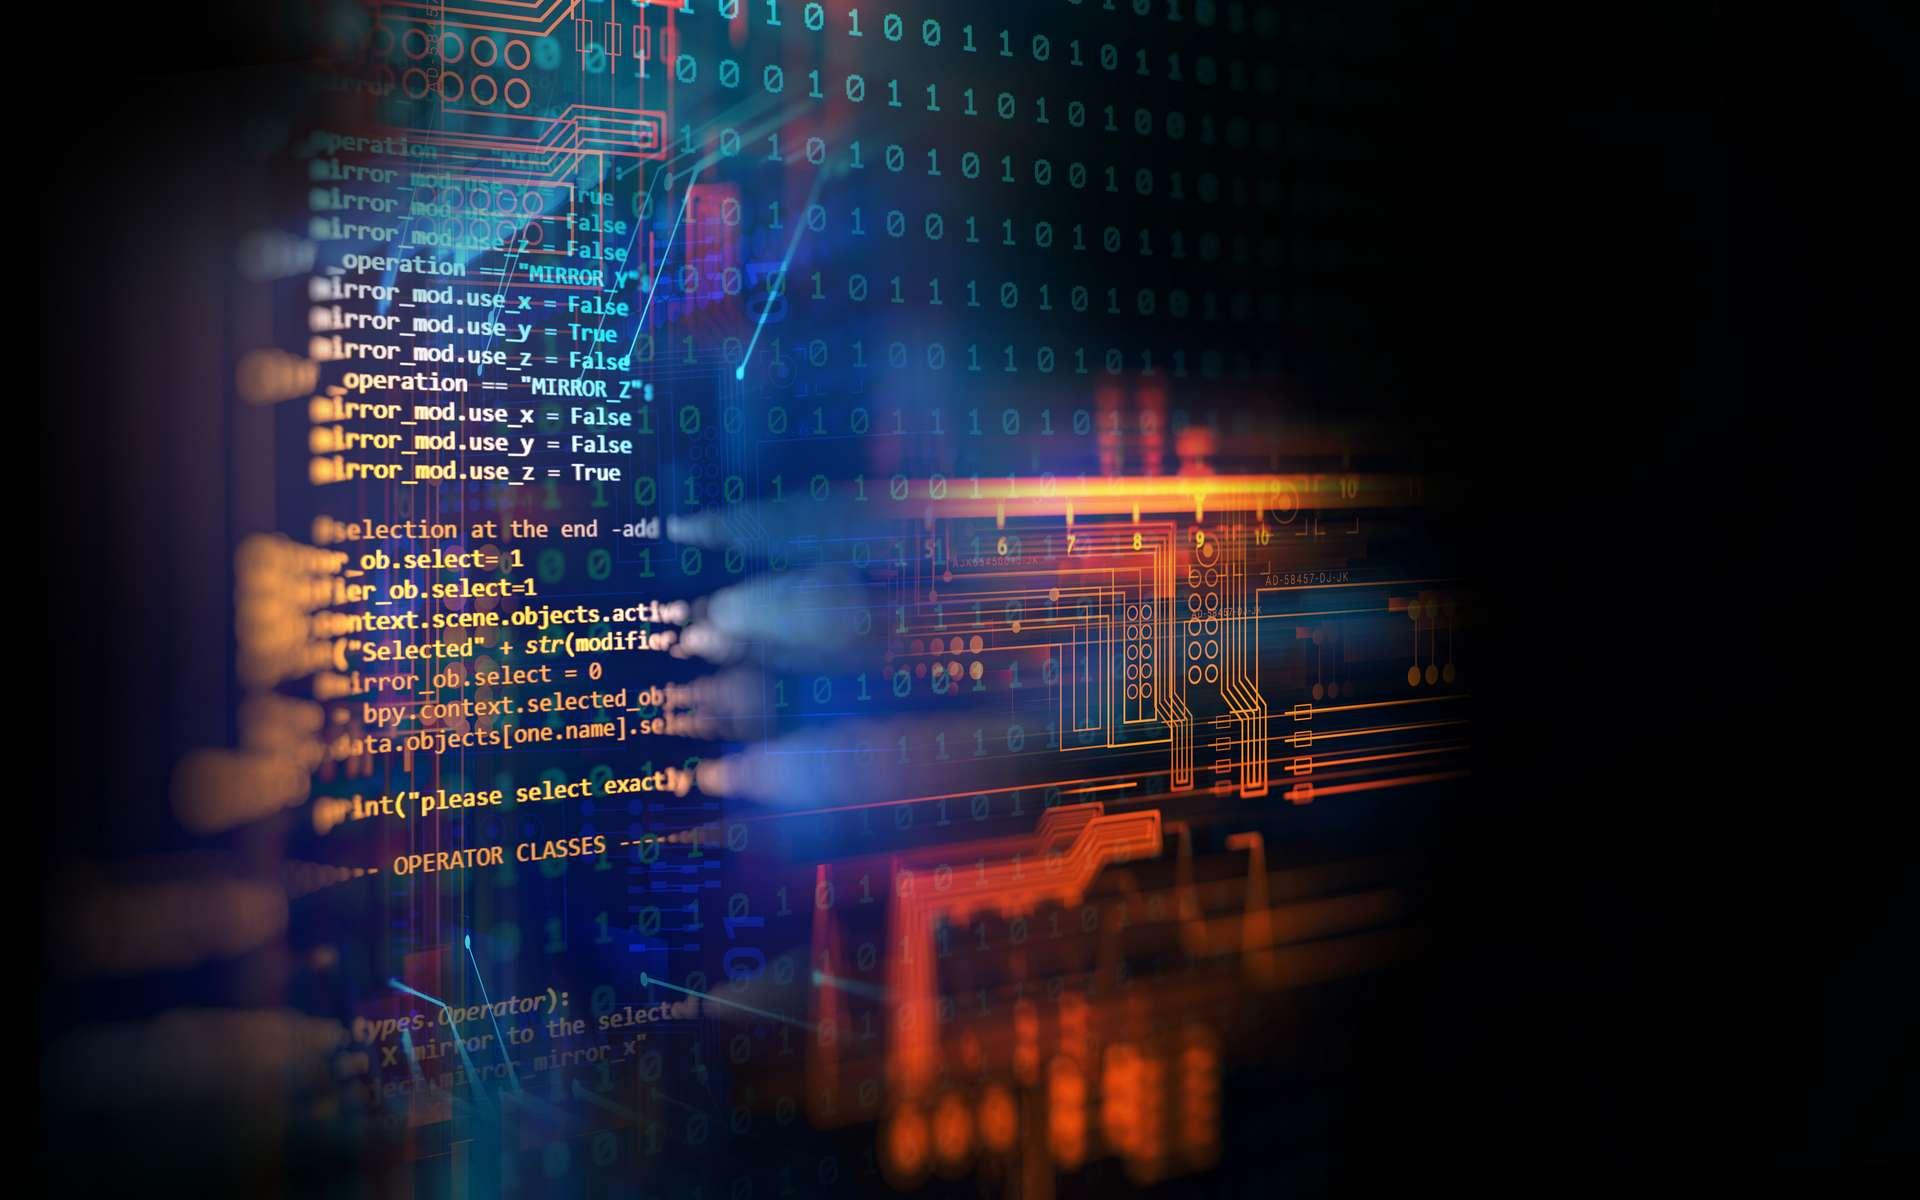 Une faille dans un logiciel de Microsoft a permis à des pirates de s'introduire dans les systèmes informatiques de dizaines de milliers de sociétés. © monsitj, Adobe Stock